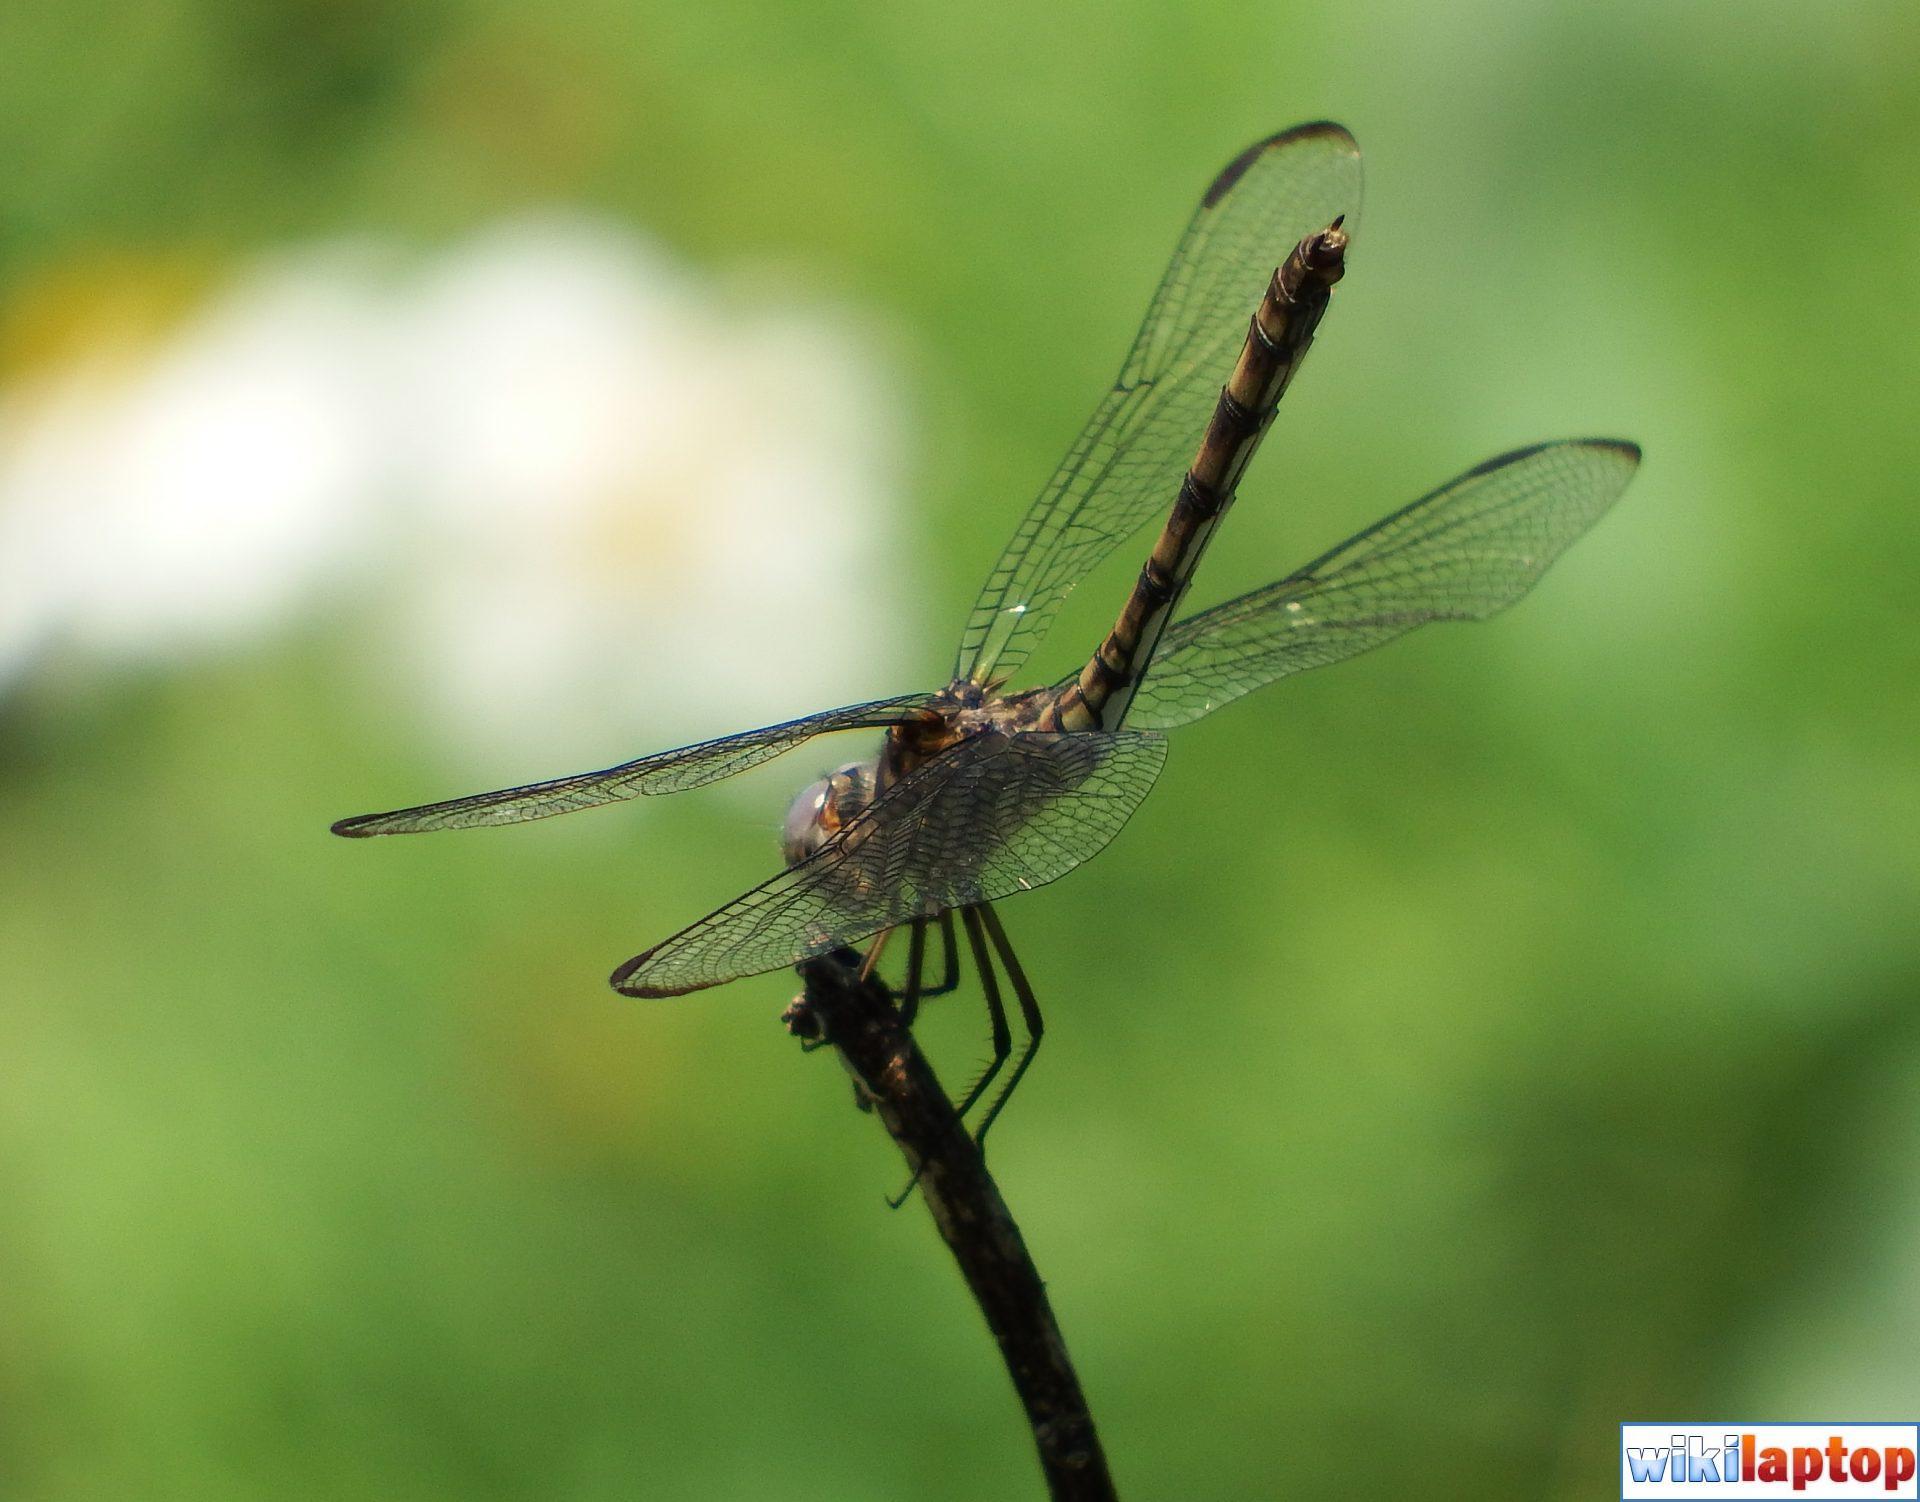 Hình ảnh chuồn chuồn đẹp nhất 14